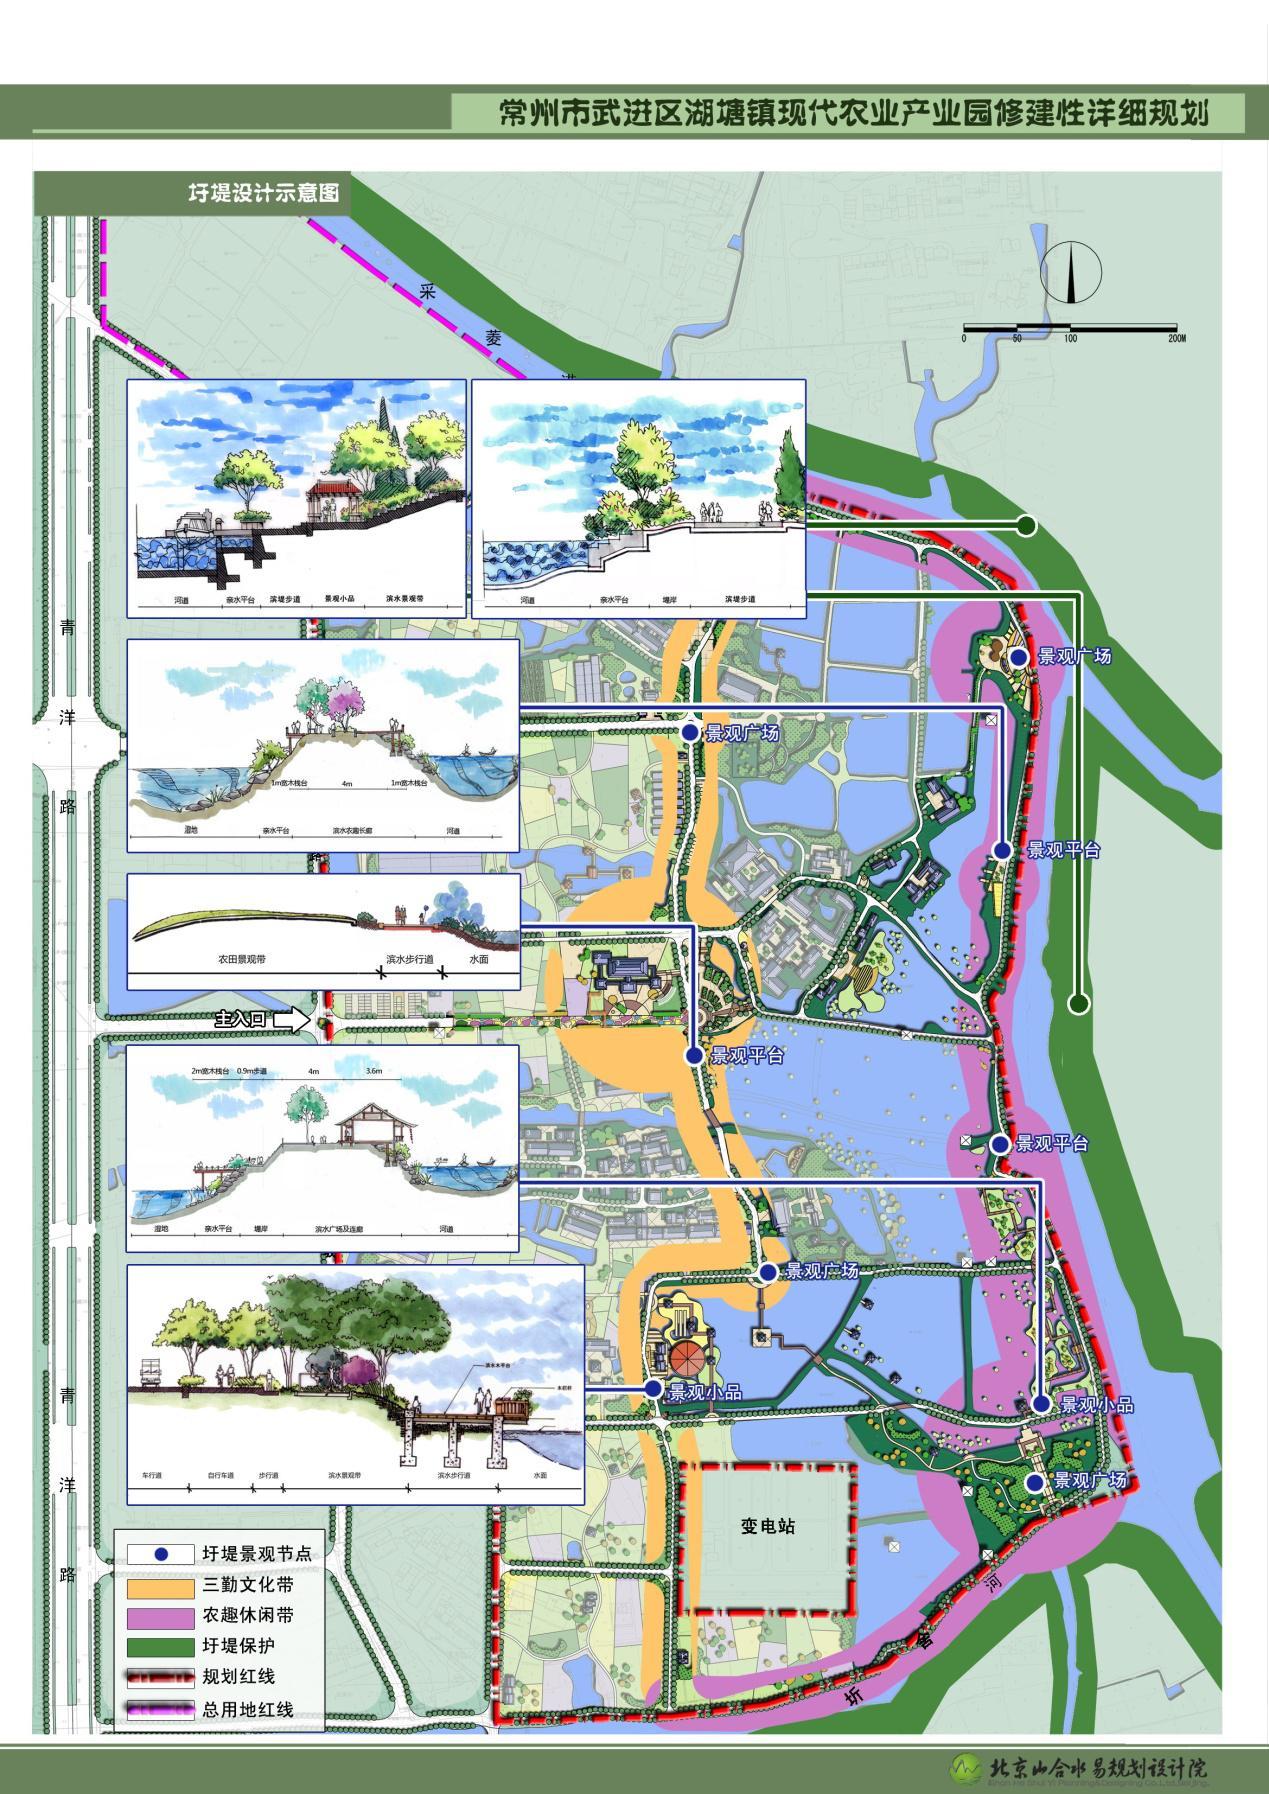 图7 圩堤设计示意图